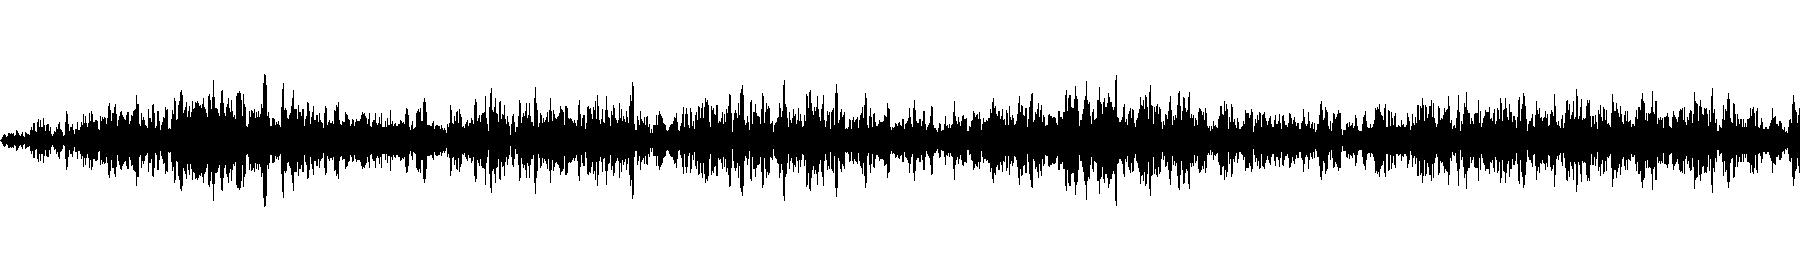 tfx texture 10